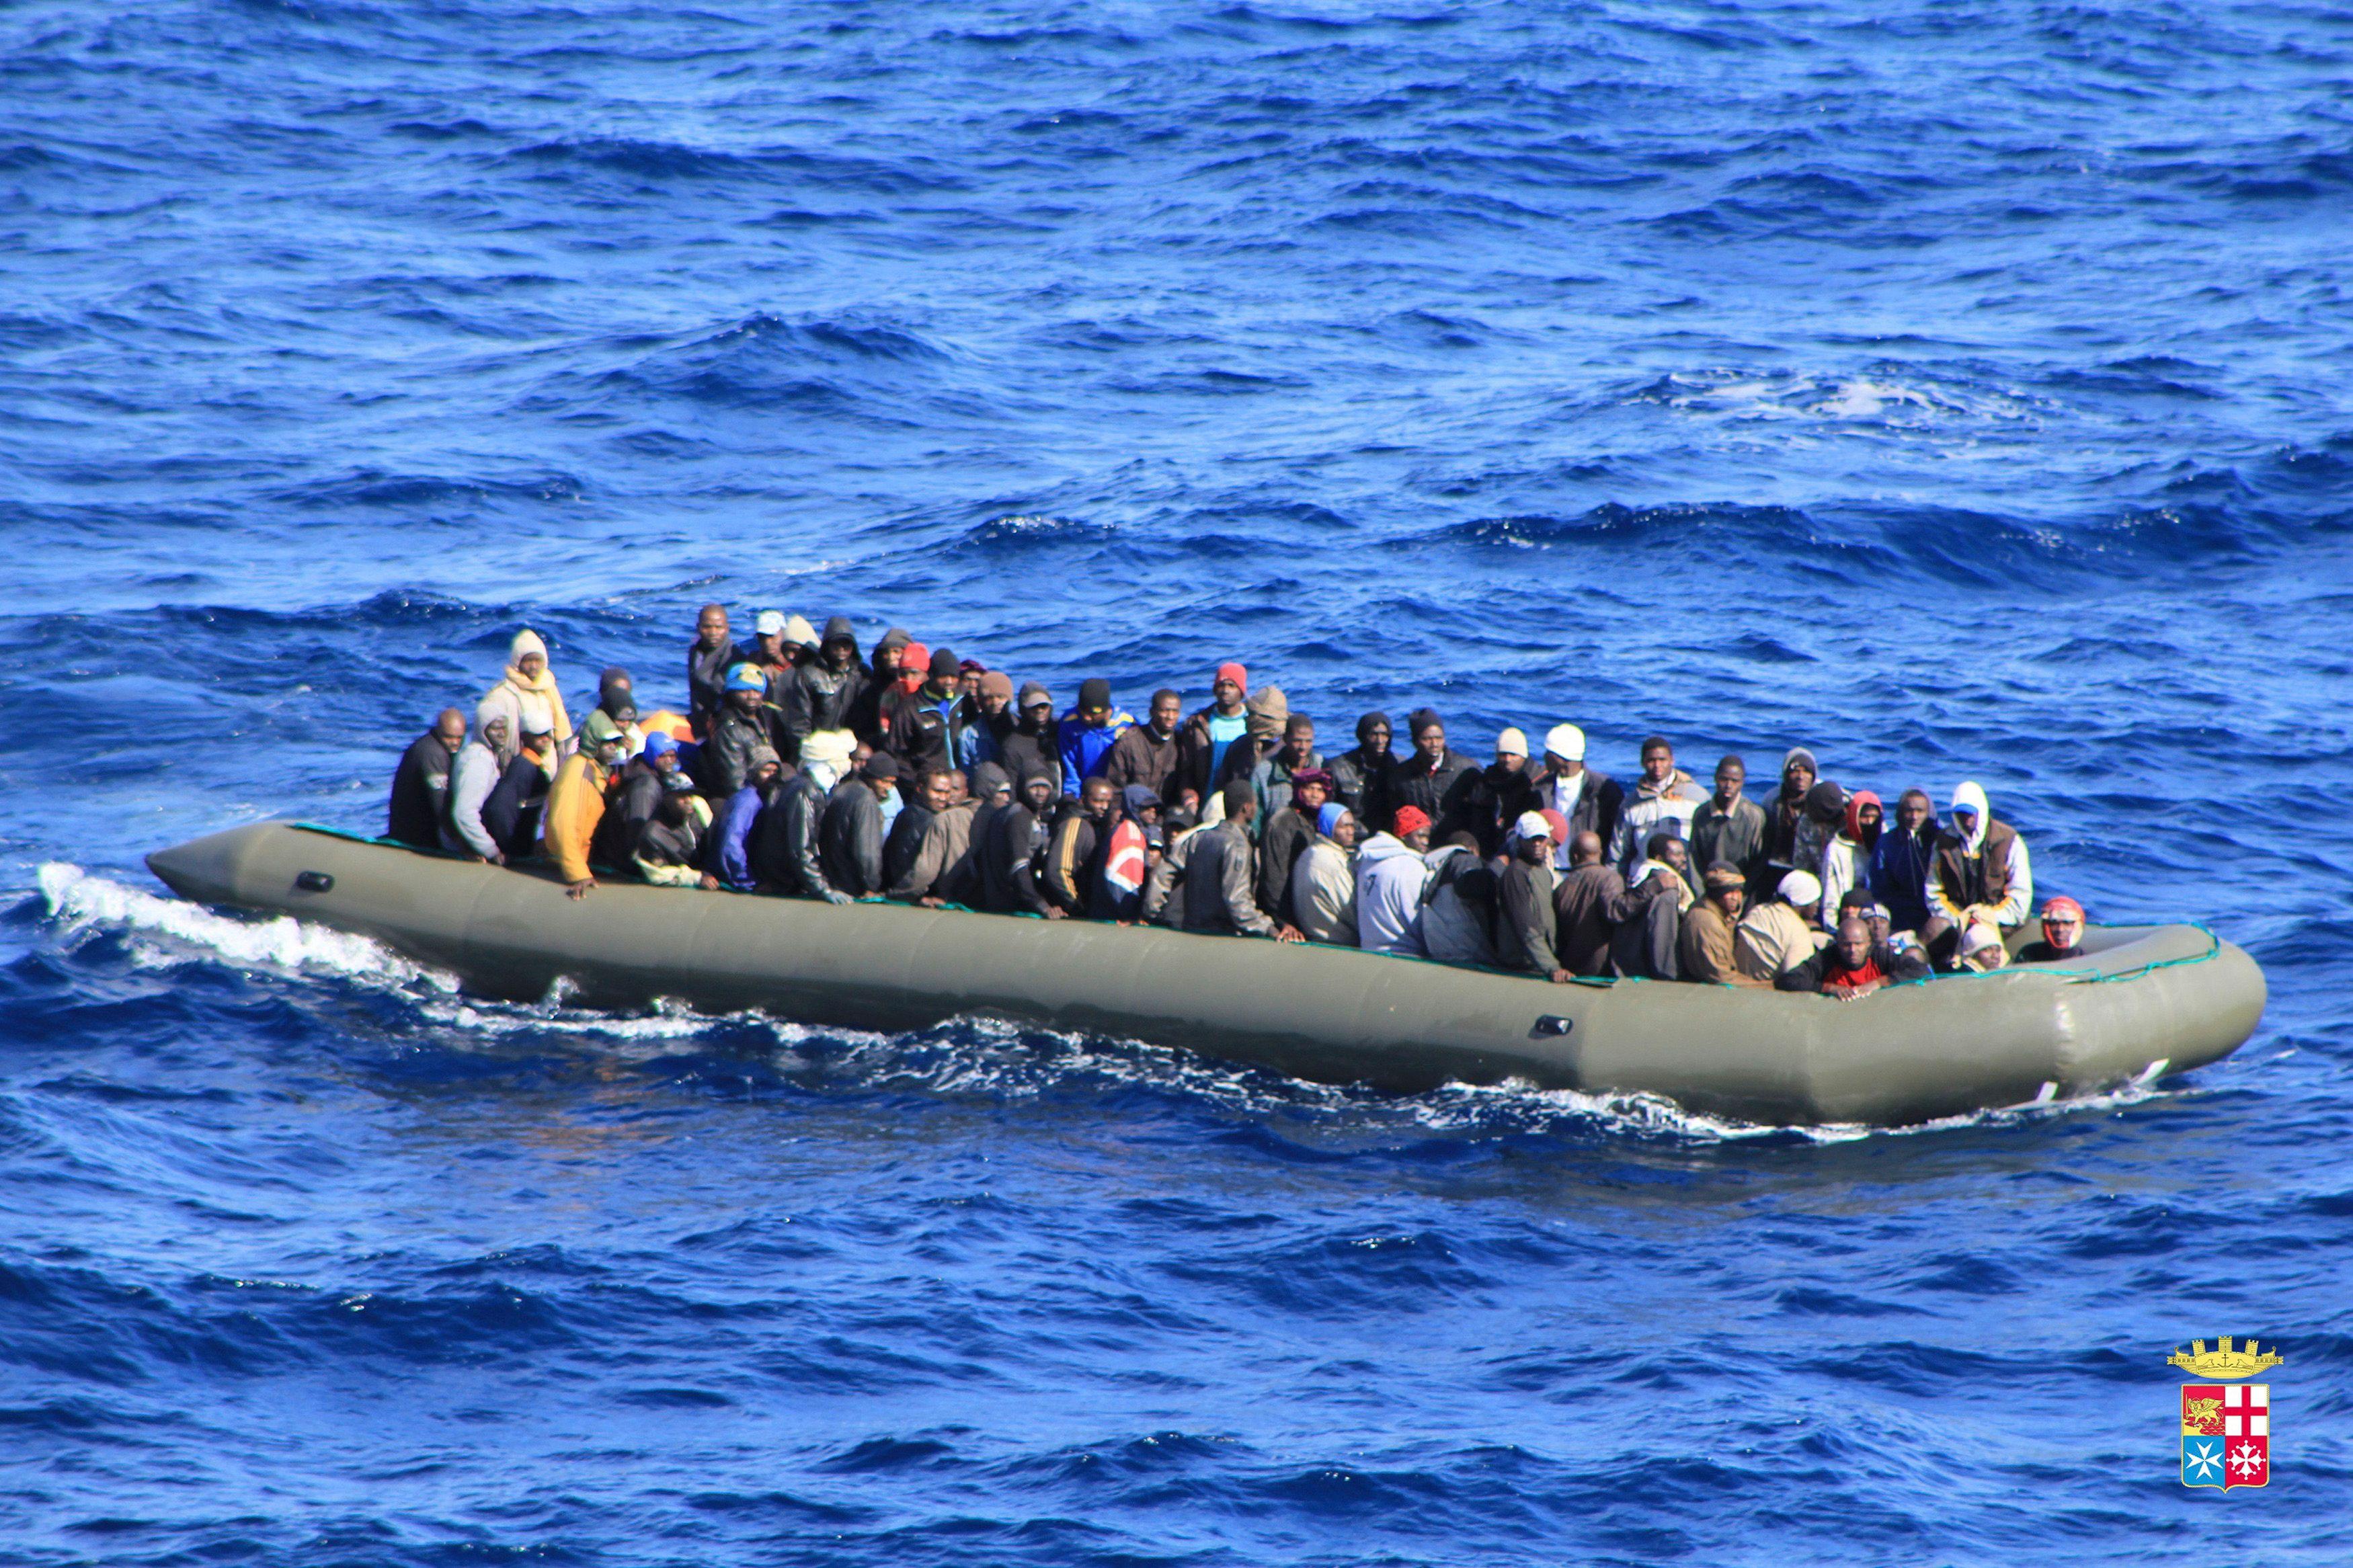 UE : une mission navale de lutte contre le trafic de migrants lancée en Méditerranée